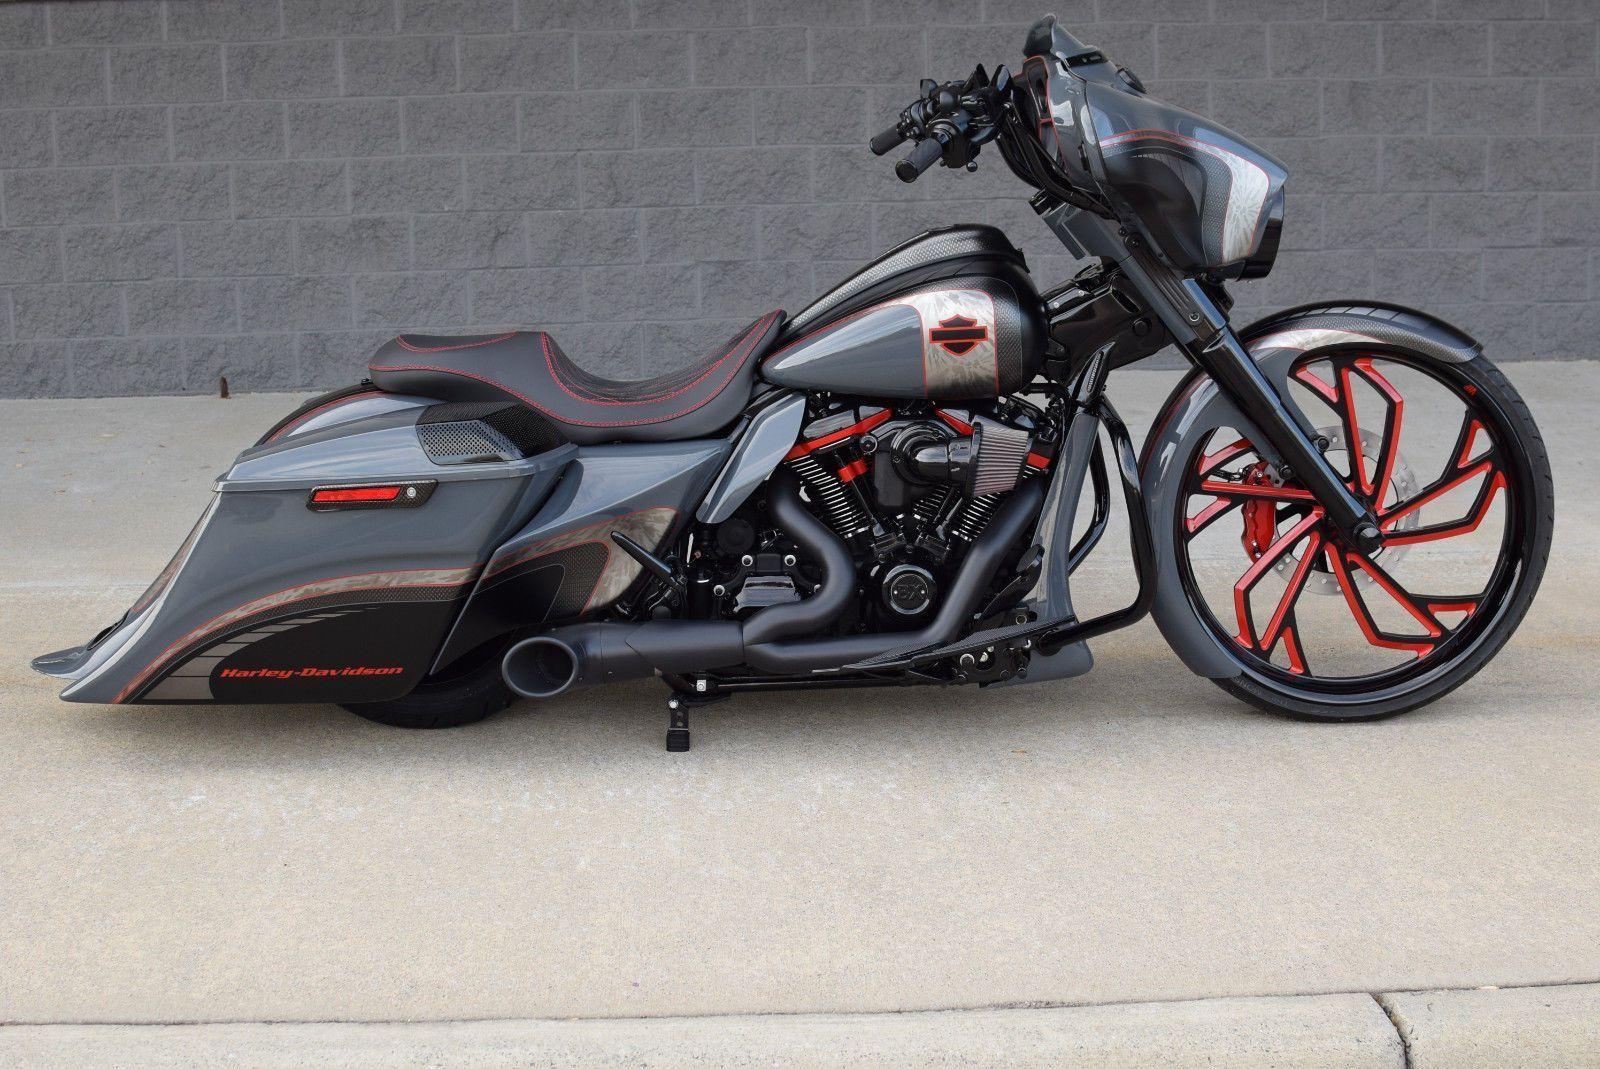 eBay: 2018 Harley-Davidson Touring 2018 STREET GLIDE BAGGER *1 OF A KIND* 26″ WH…